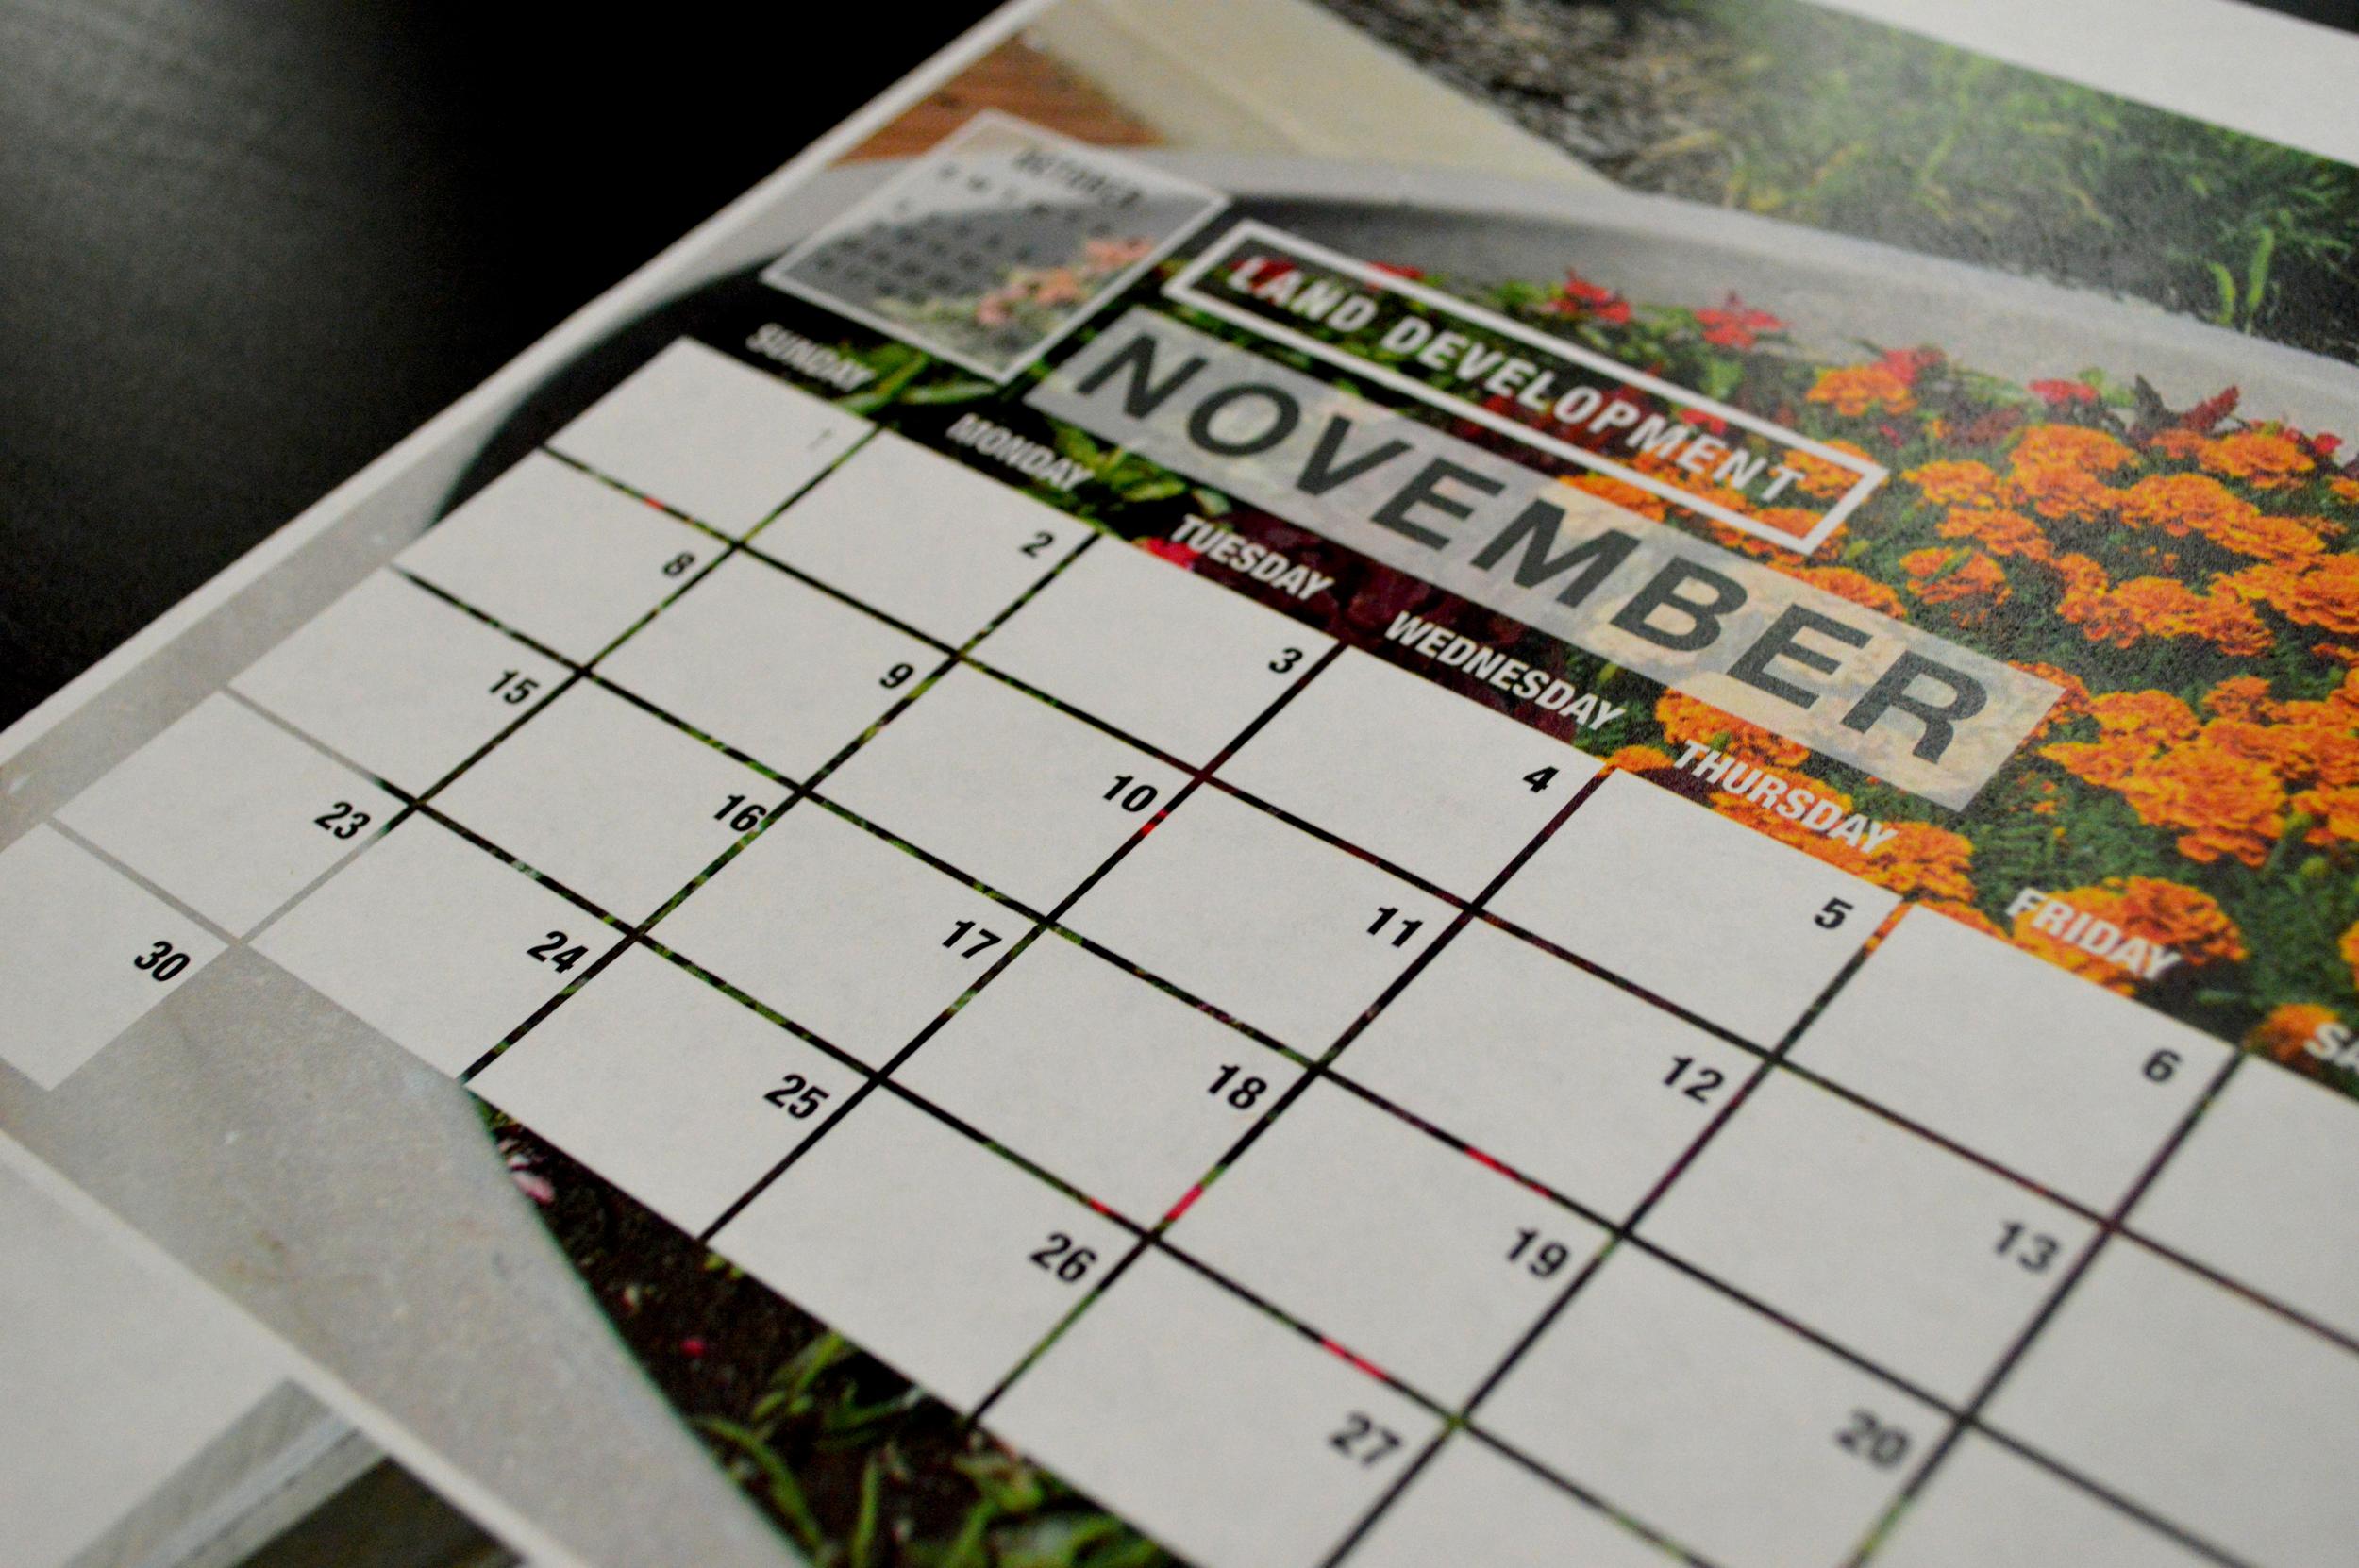 Detail of Calendar